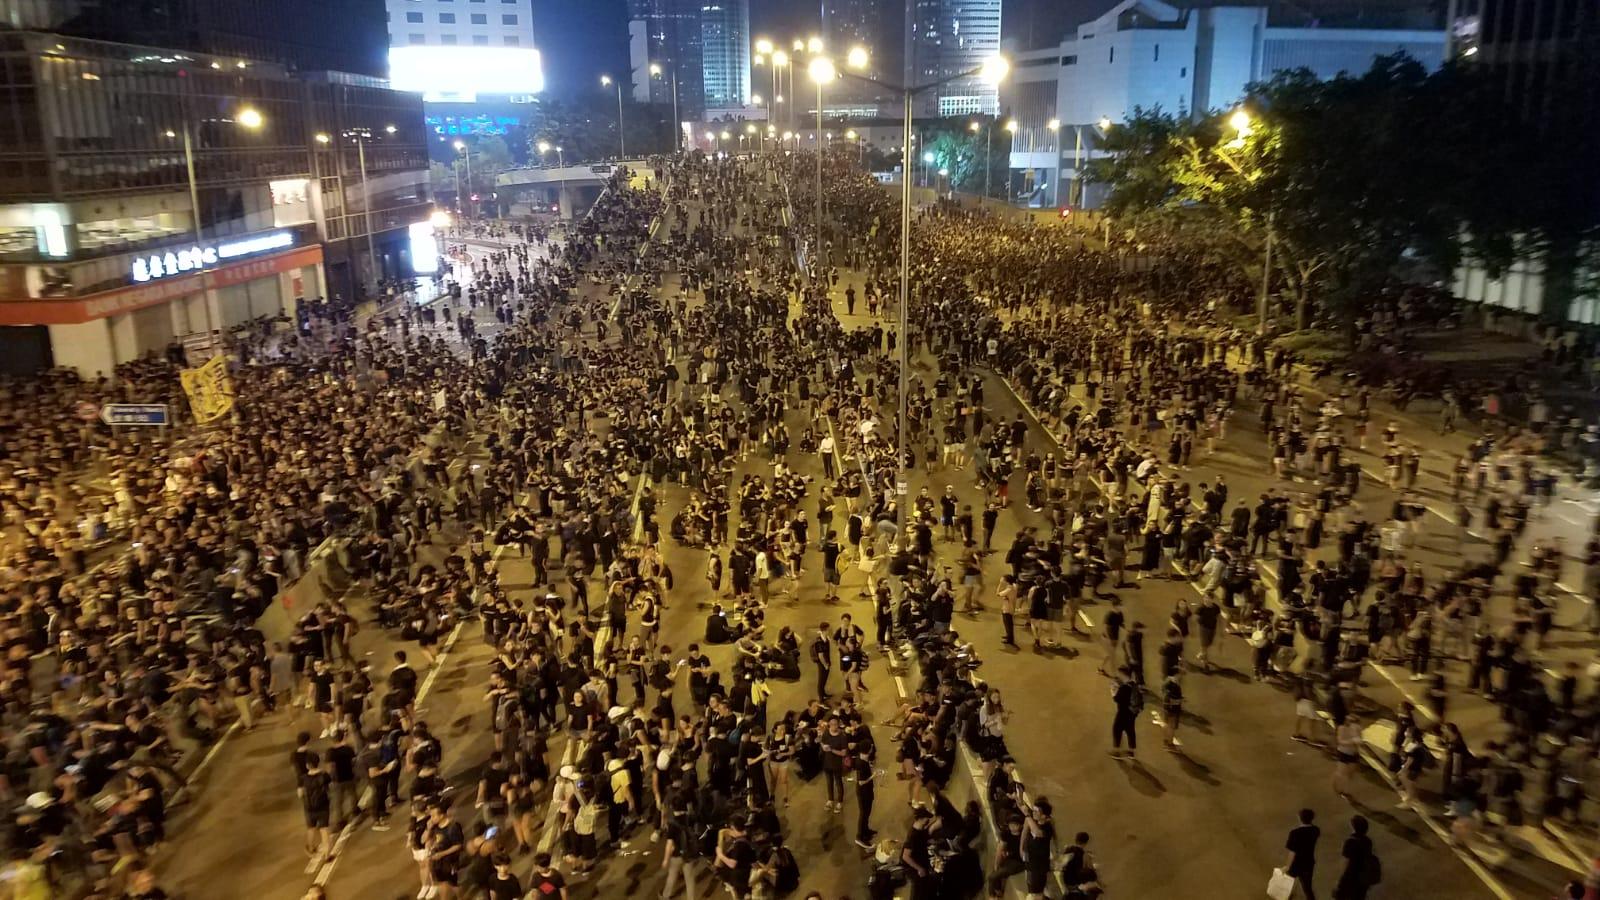 深夜仍有大批示威者留守。